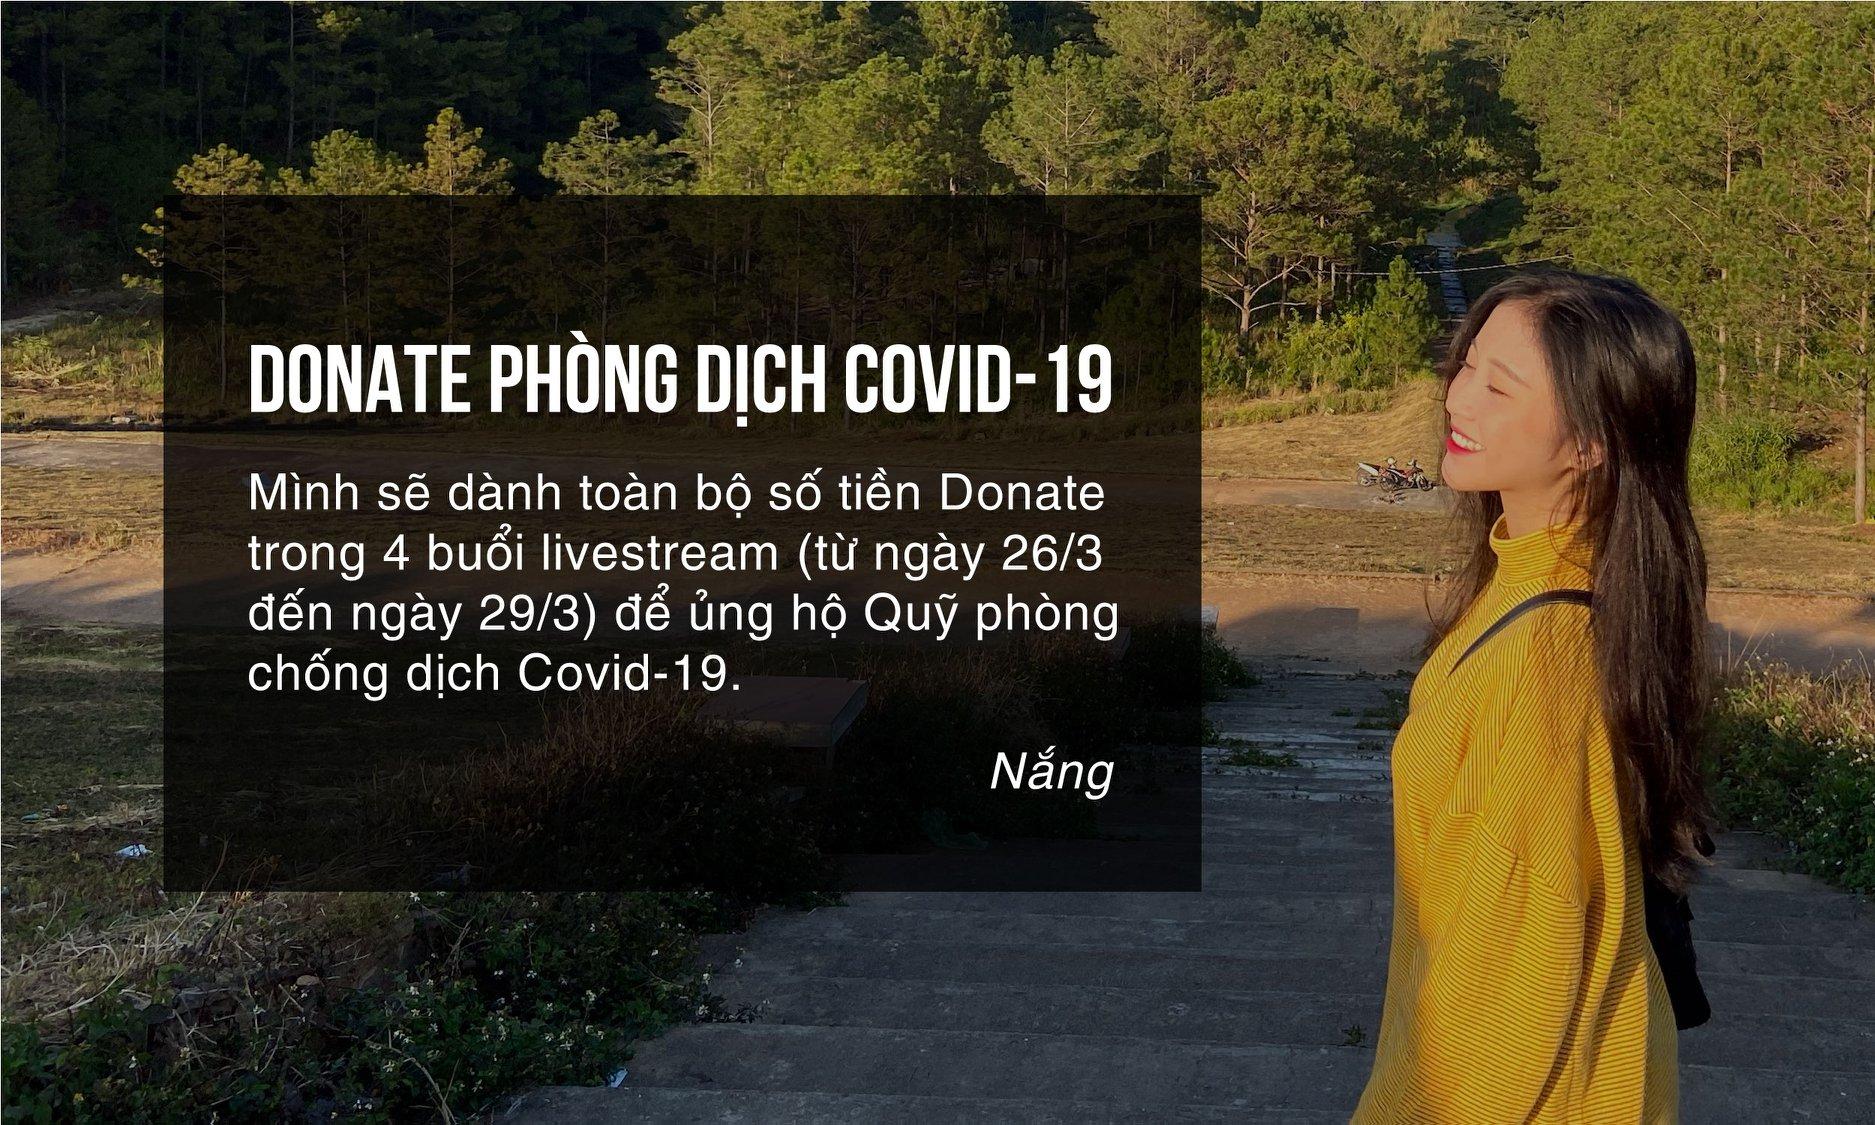 Nắng Đàm Thanh Huyền FPT Arena Multimedia 2